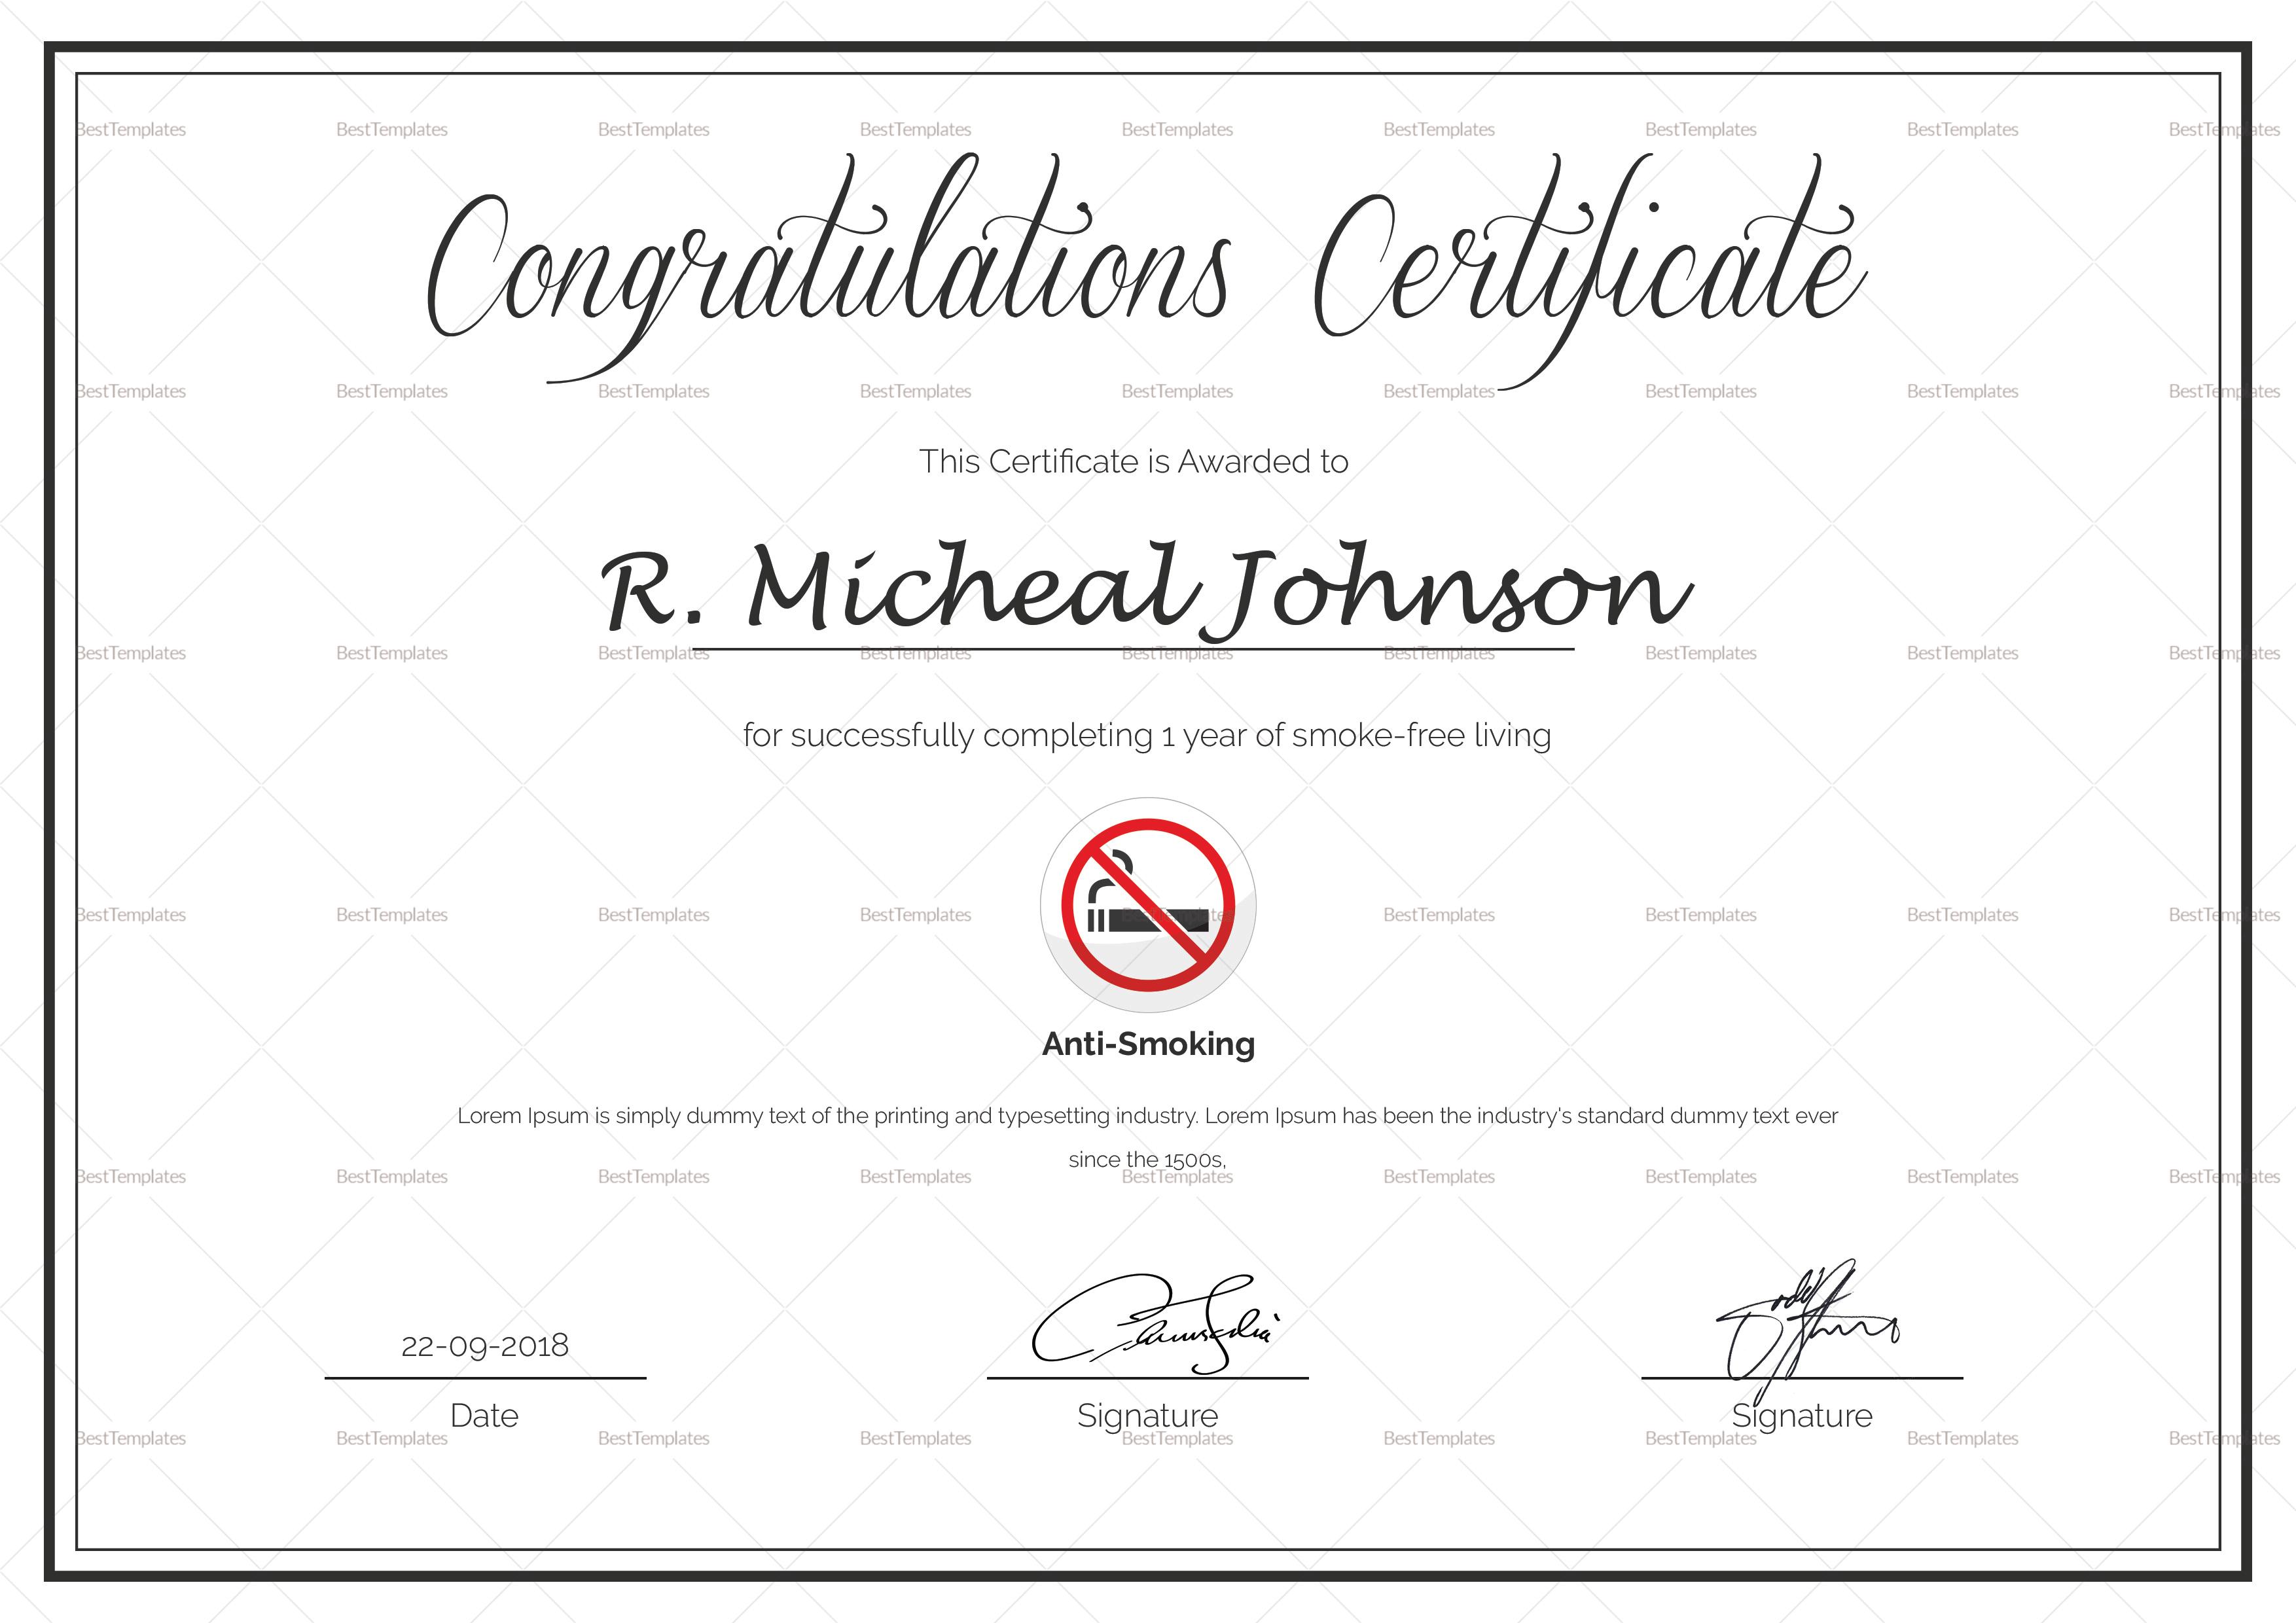 nice congratulations certificate photos  u0026gt  u0026gt  congratulations